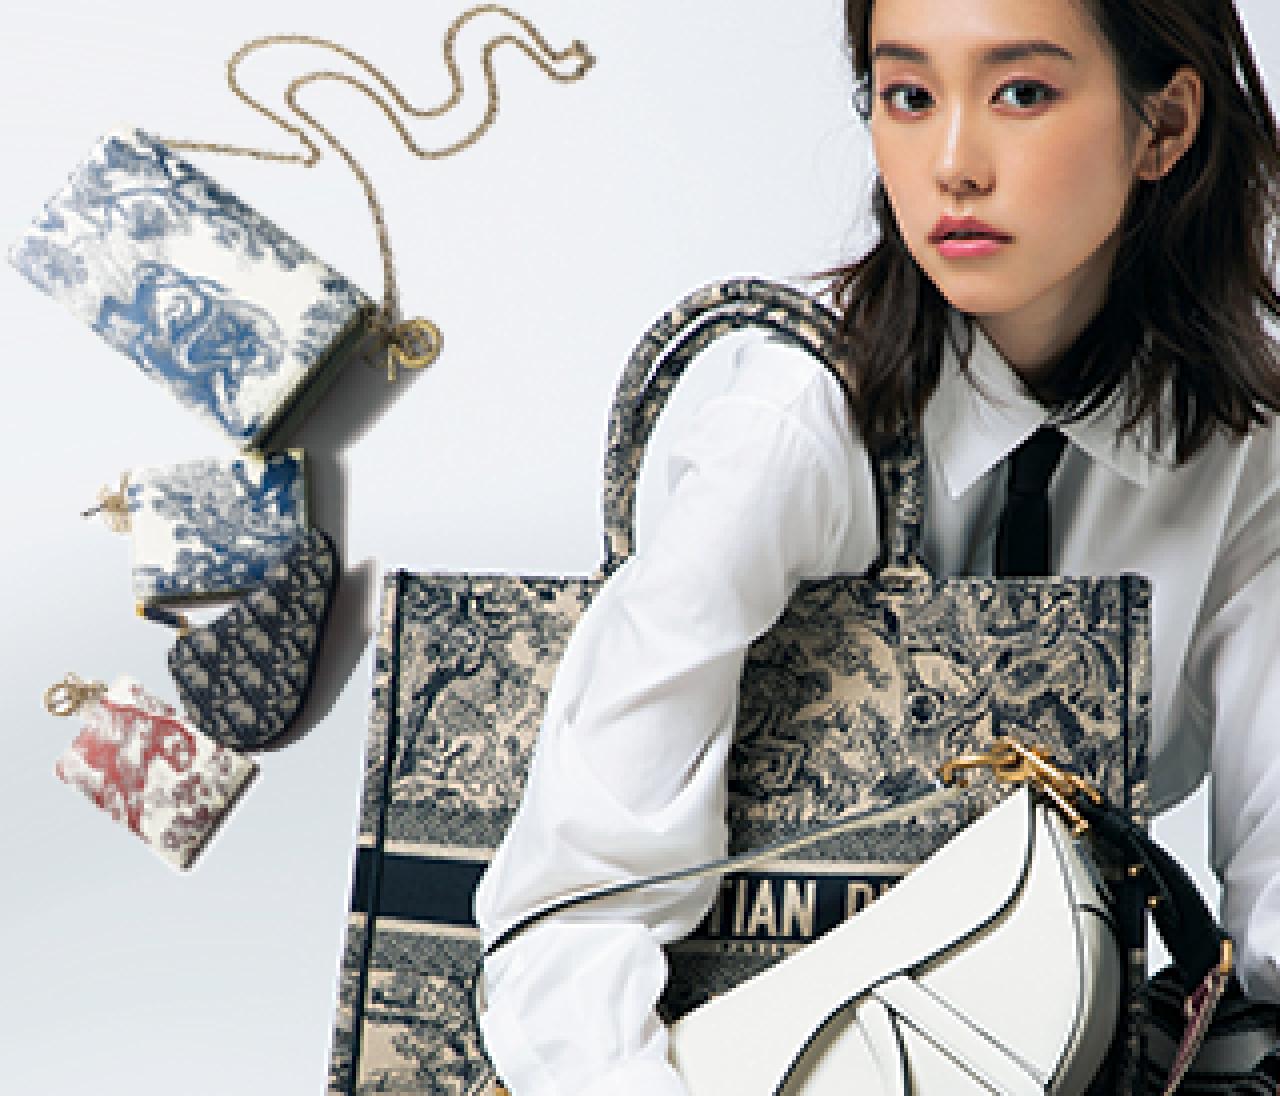 【ディオール(Dior)】の新作スモールレザーグッズで洗練されたインパクトを